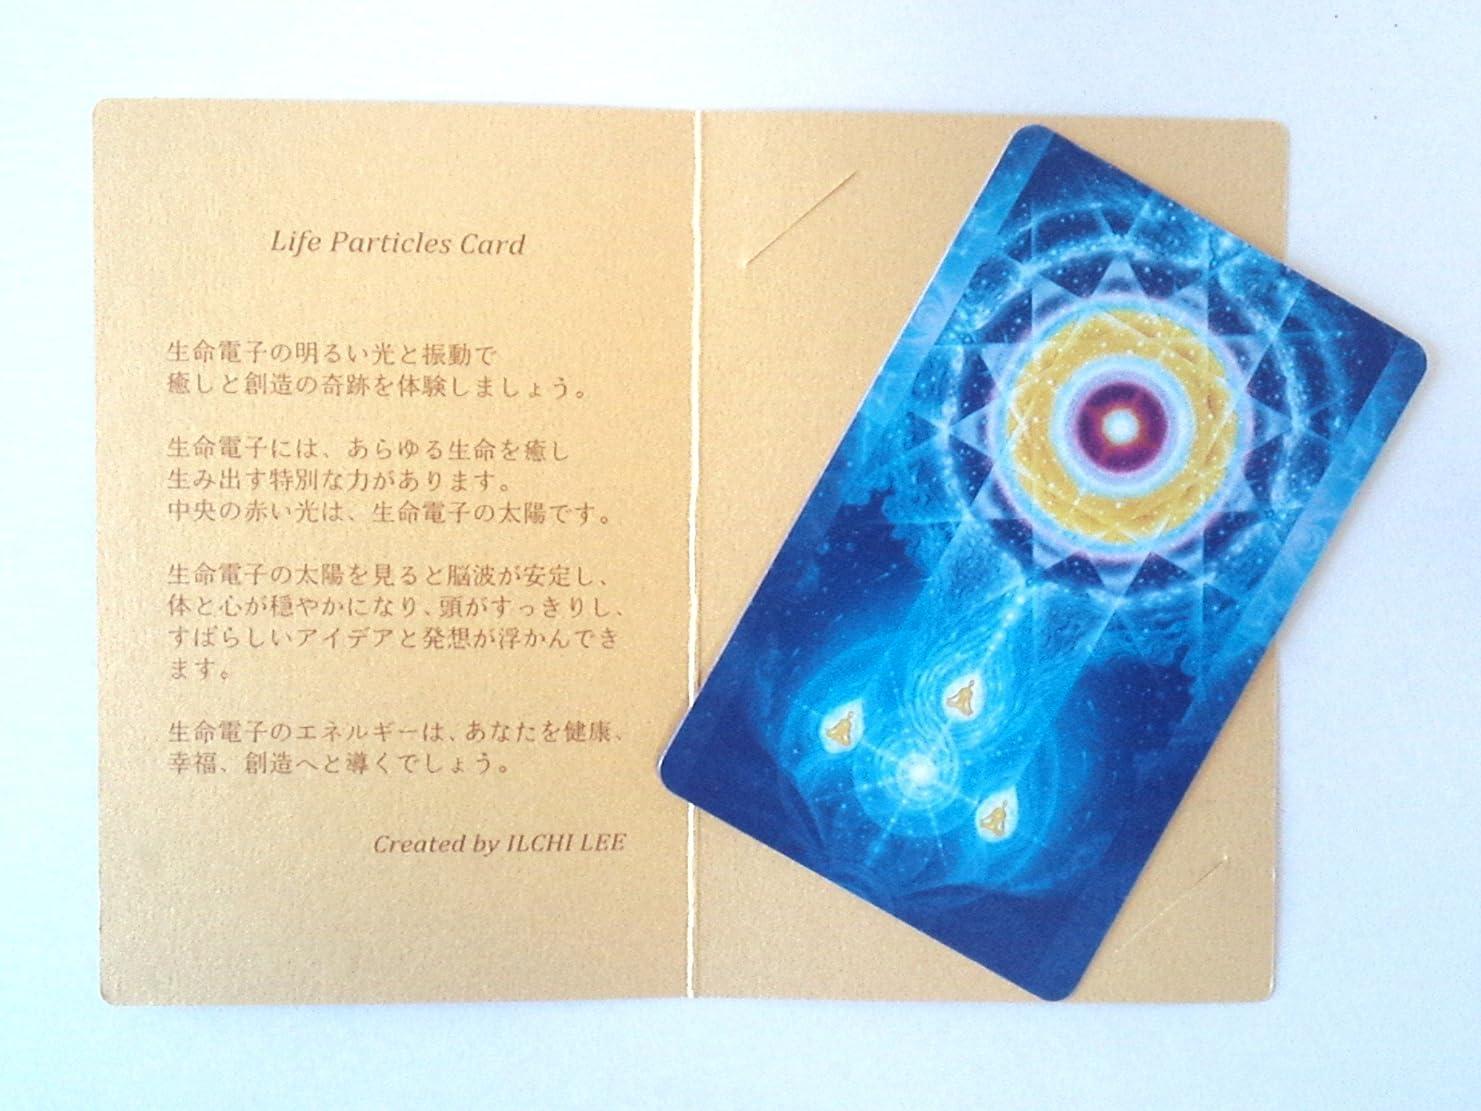 倉庫つまらない禁輸生命電子カード